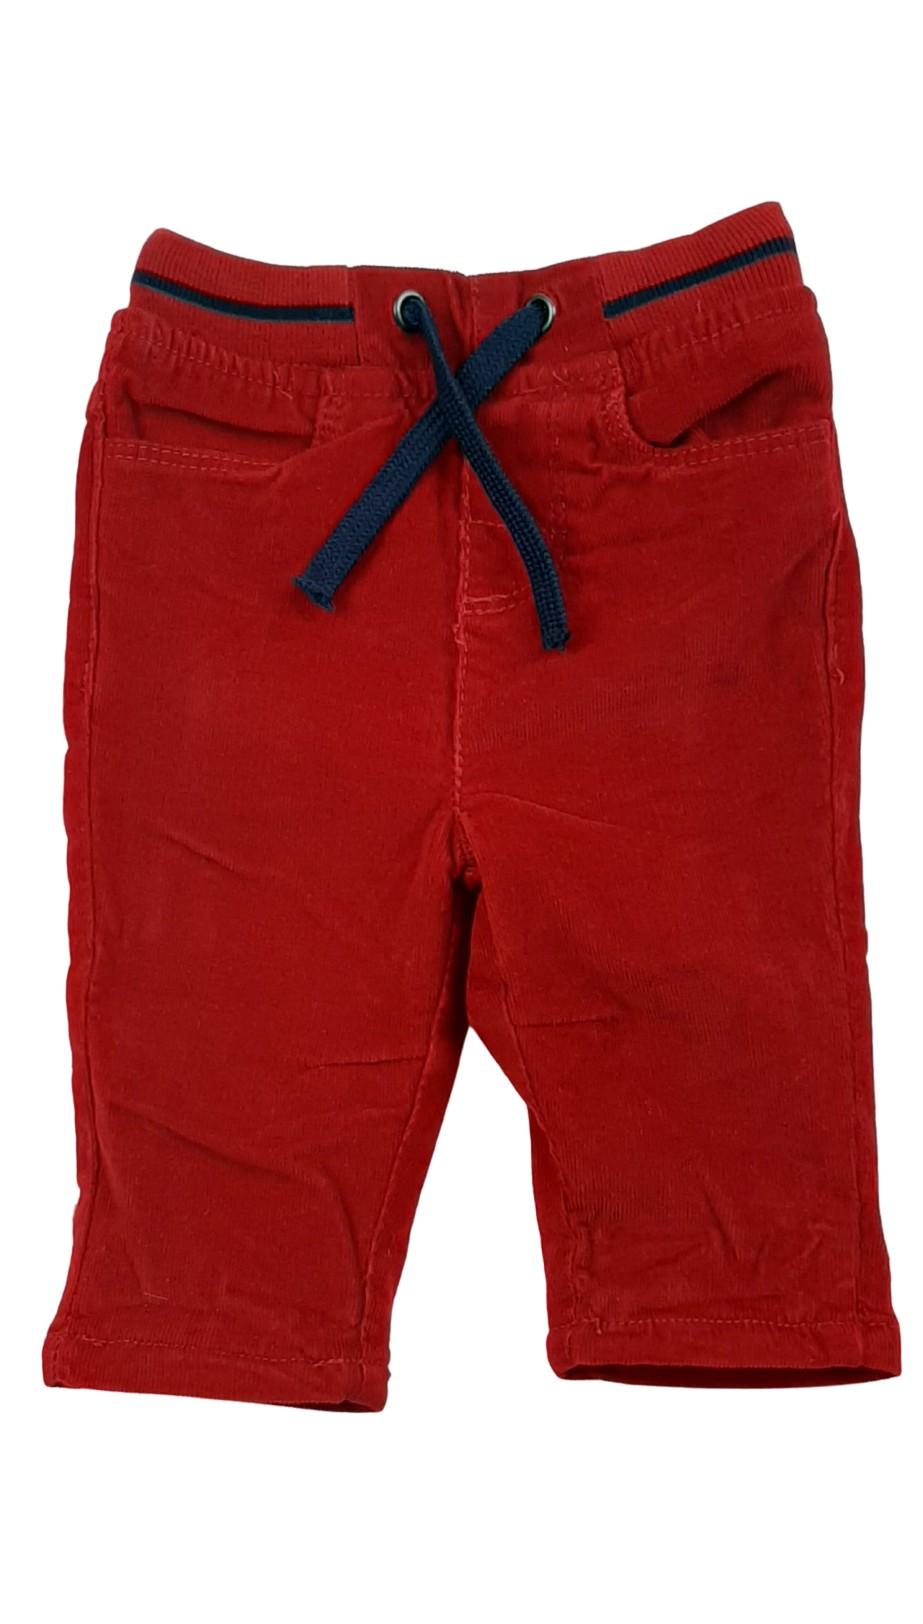 Pantalon en velours côtelé doublé 1